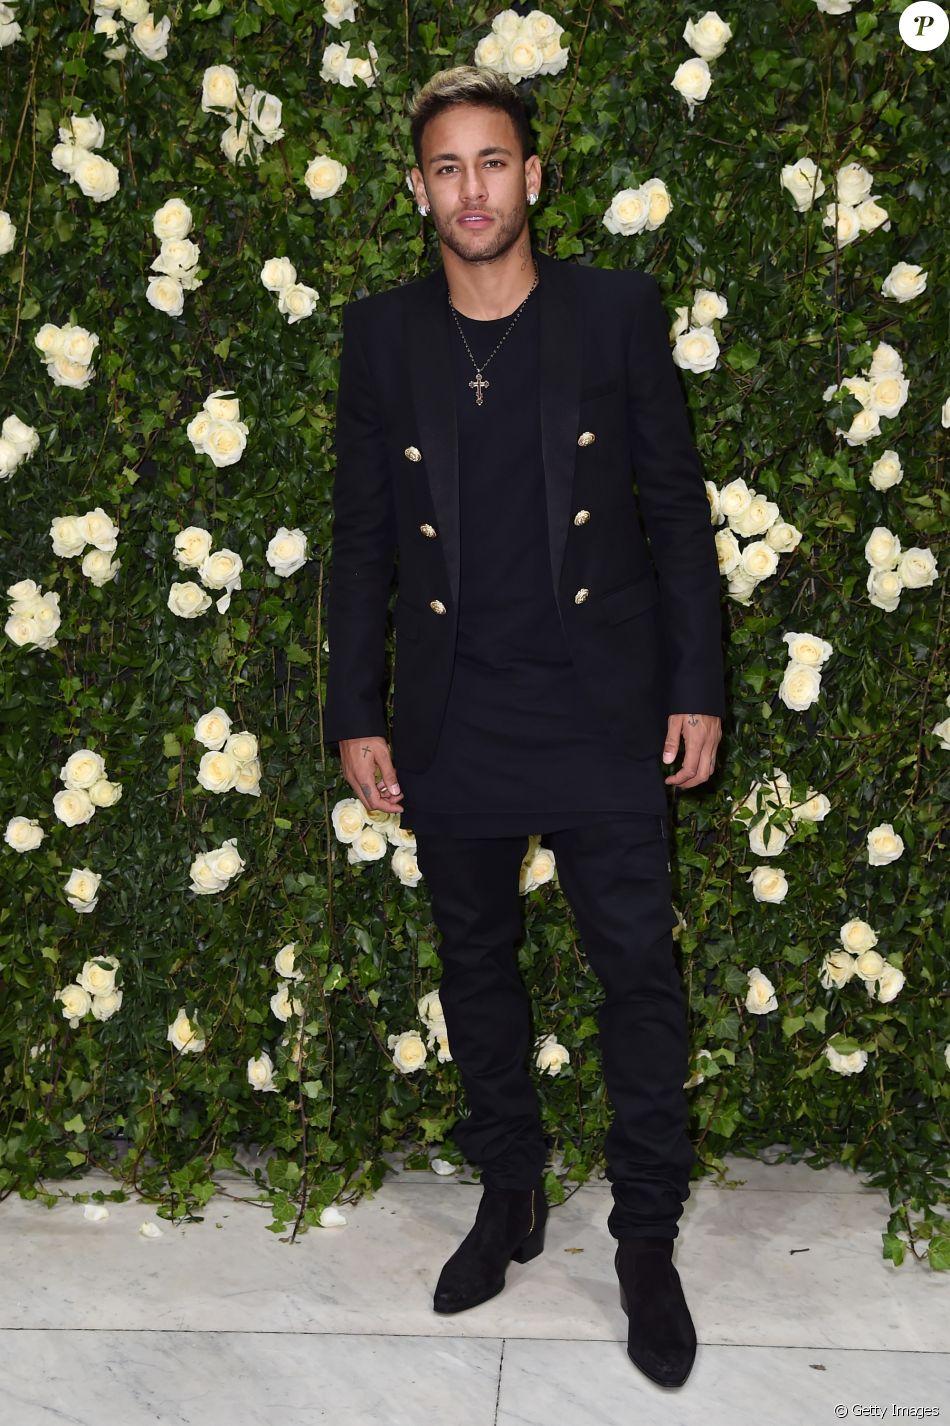 Neymardenuncia fake e reclama no Instagram: 'Algum idiota se passando por mim'